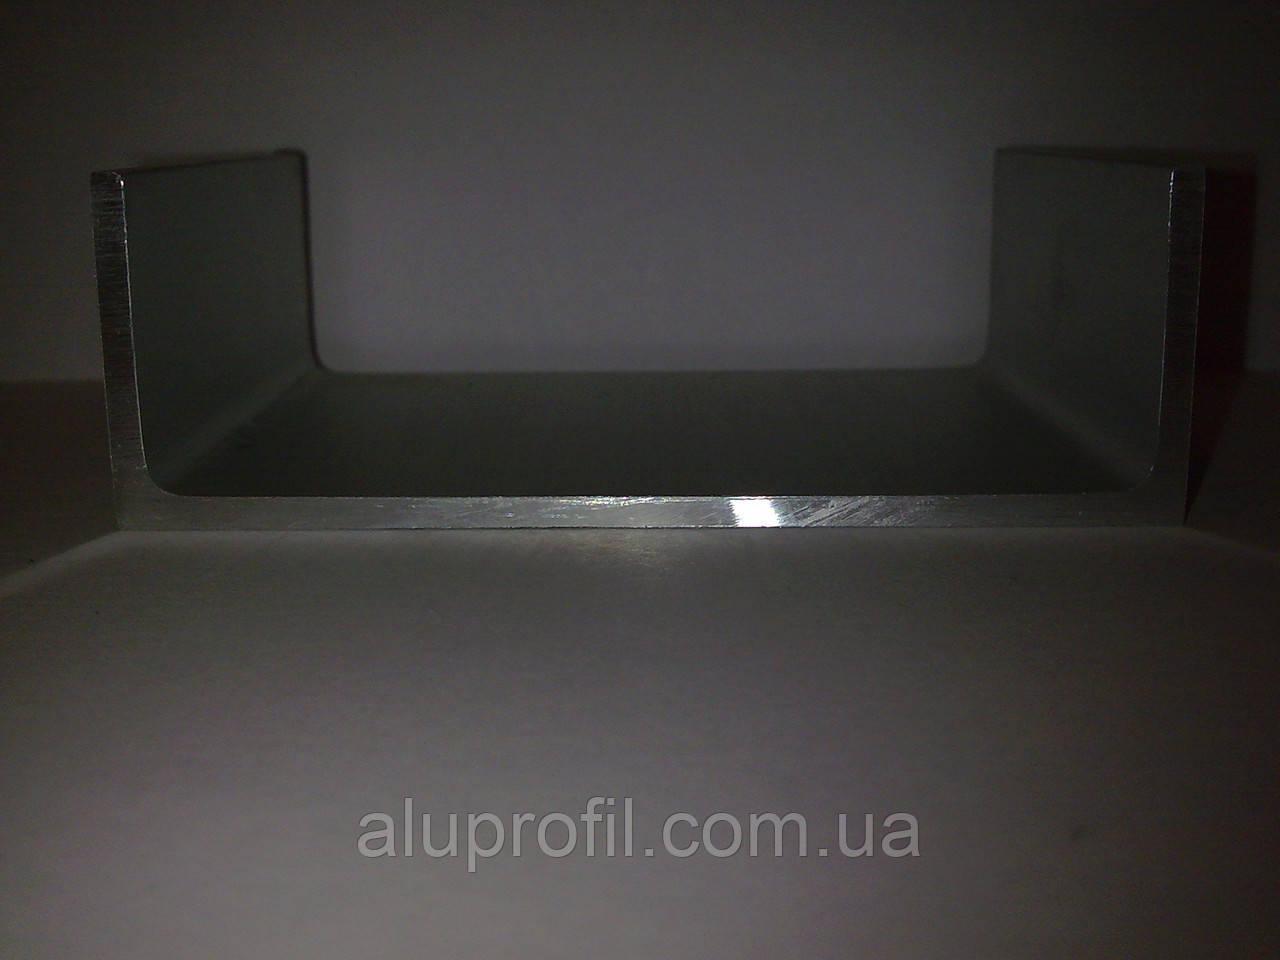 Алюминиевый профиль — п-образный алюминиевый профиль (швеллер) 120x40x4 AS